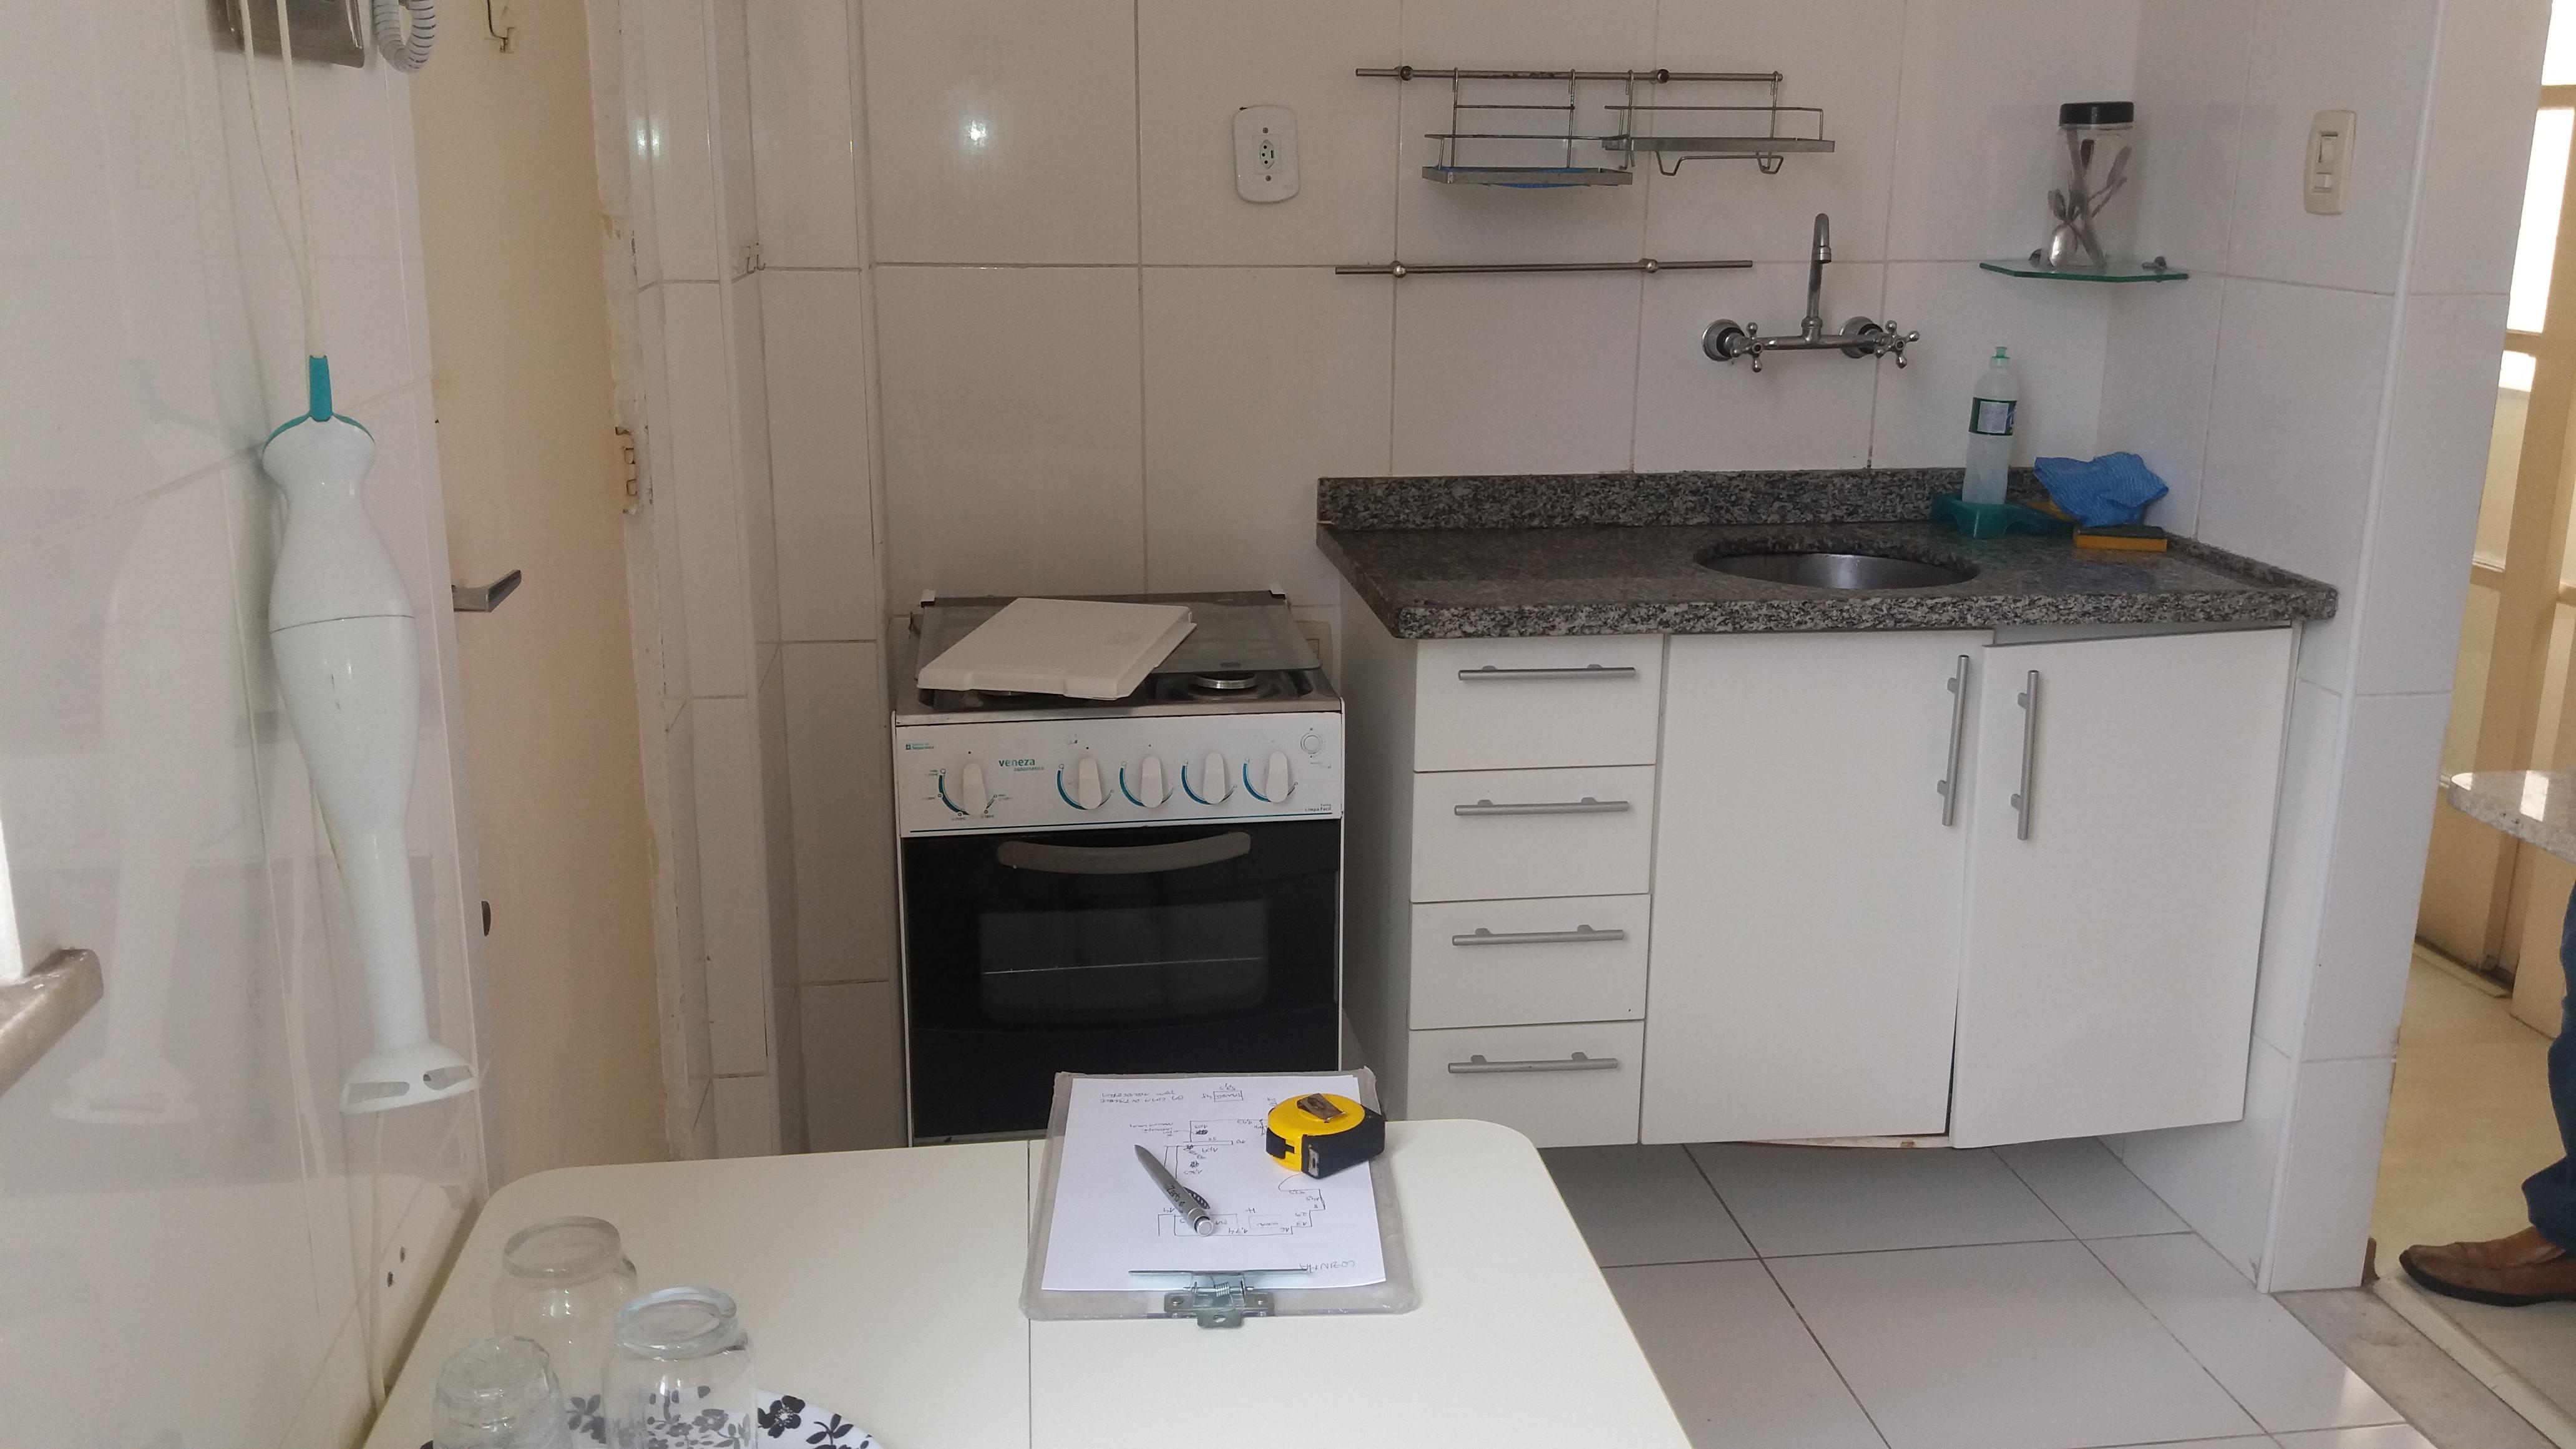 Cozinha antes.jpg